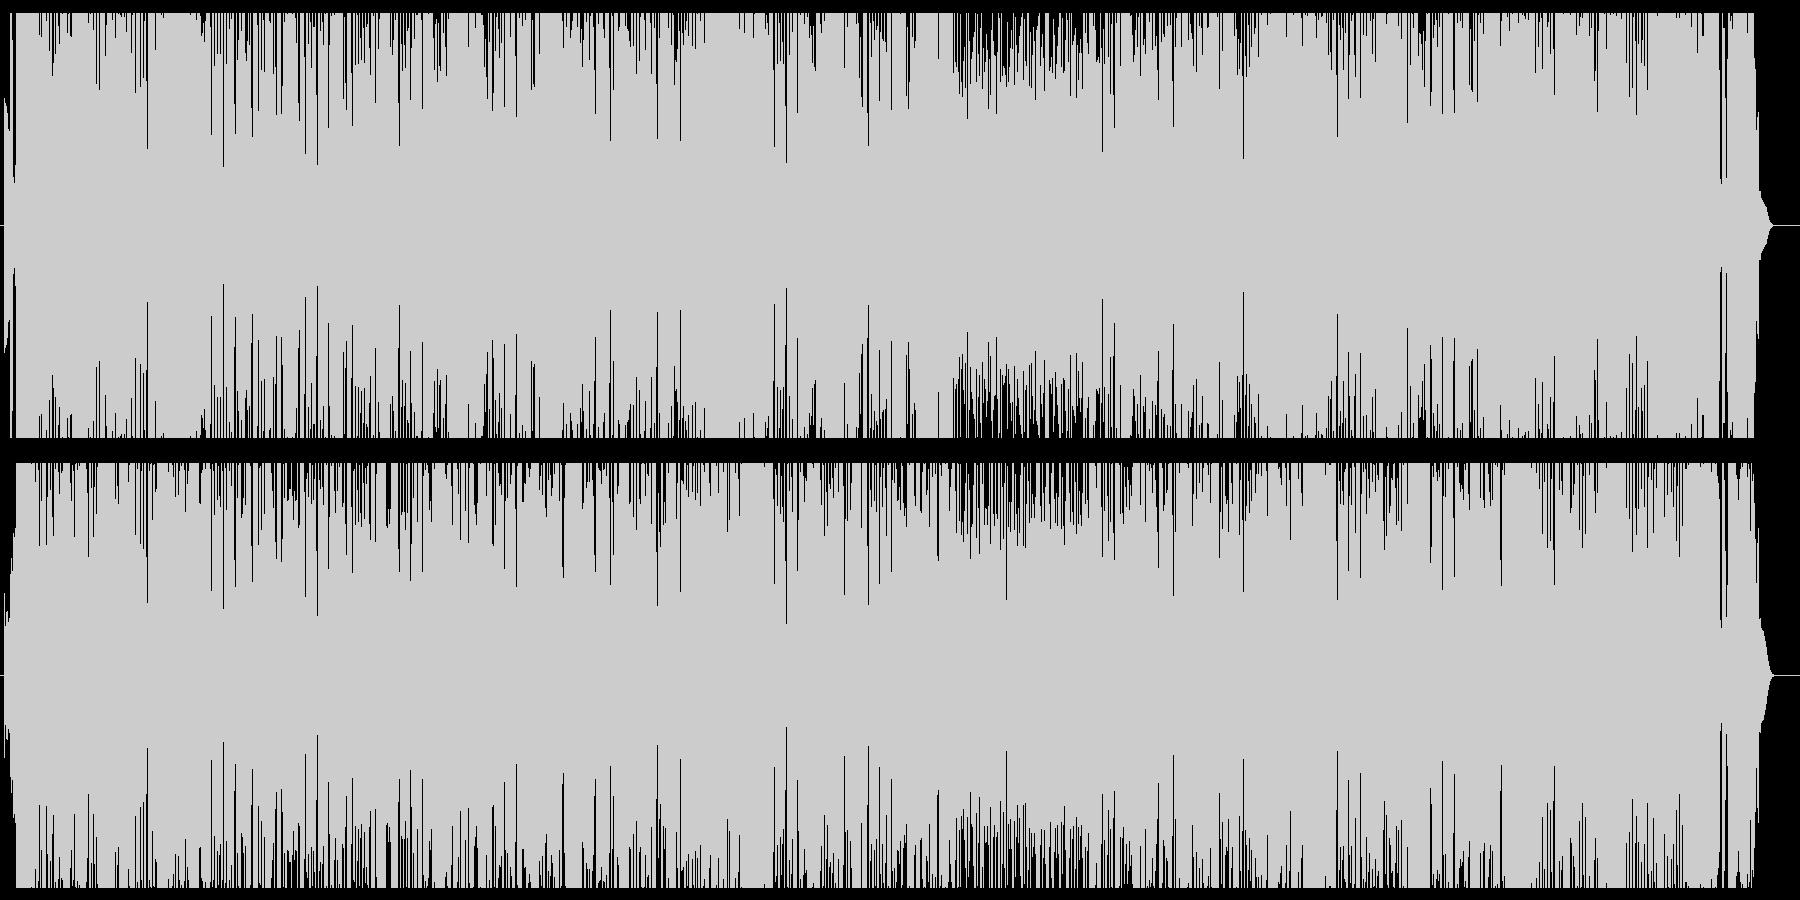 三味線を使ったダンスミュージックの未再生の波形